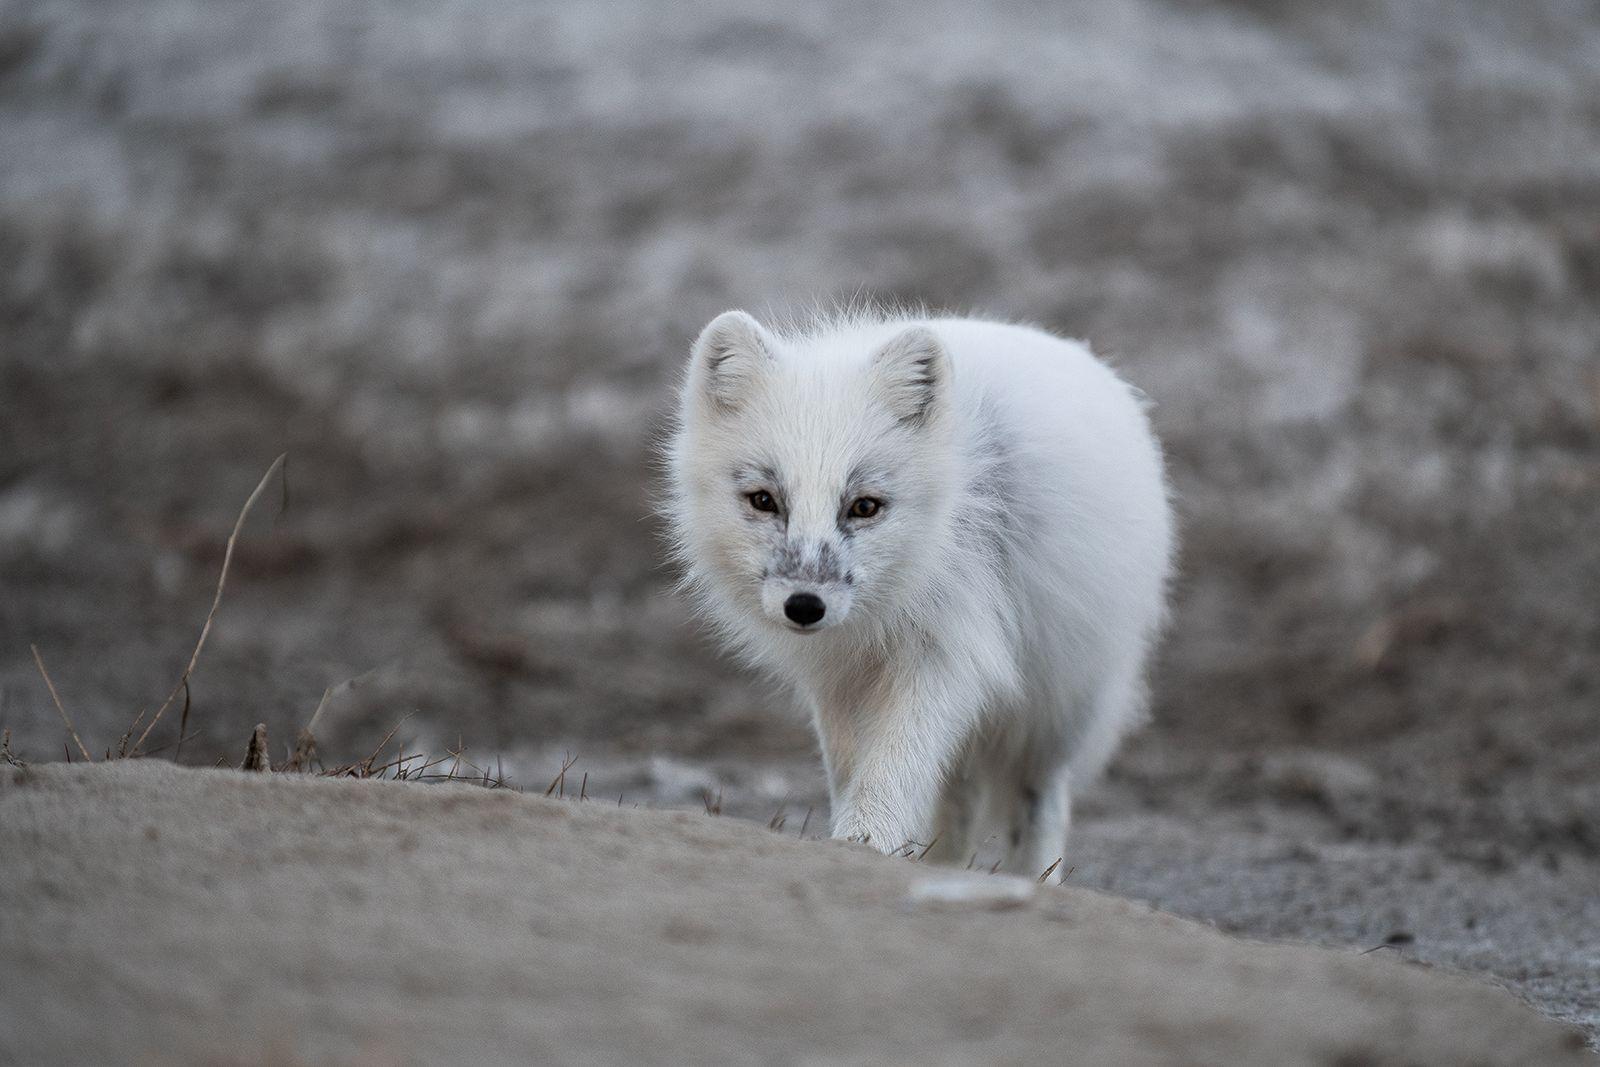 Полярная лисица полярным днём… Да, полярный день уже наступил) arctic fox песец Ямал дикие животные север